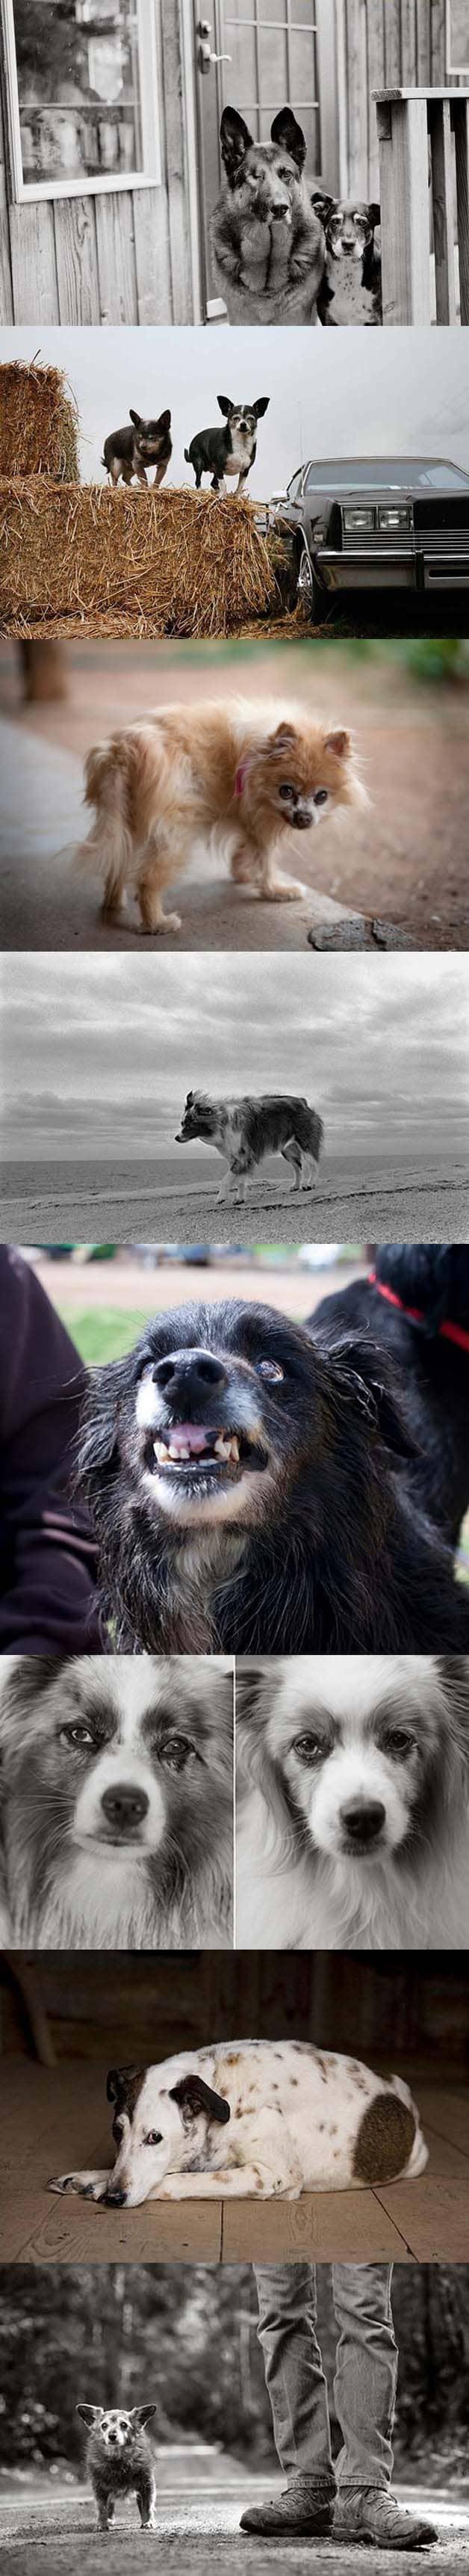 Fotógrafa faz projeto registrando imagens de cães idosos 3